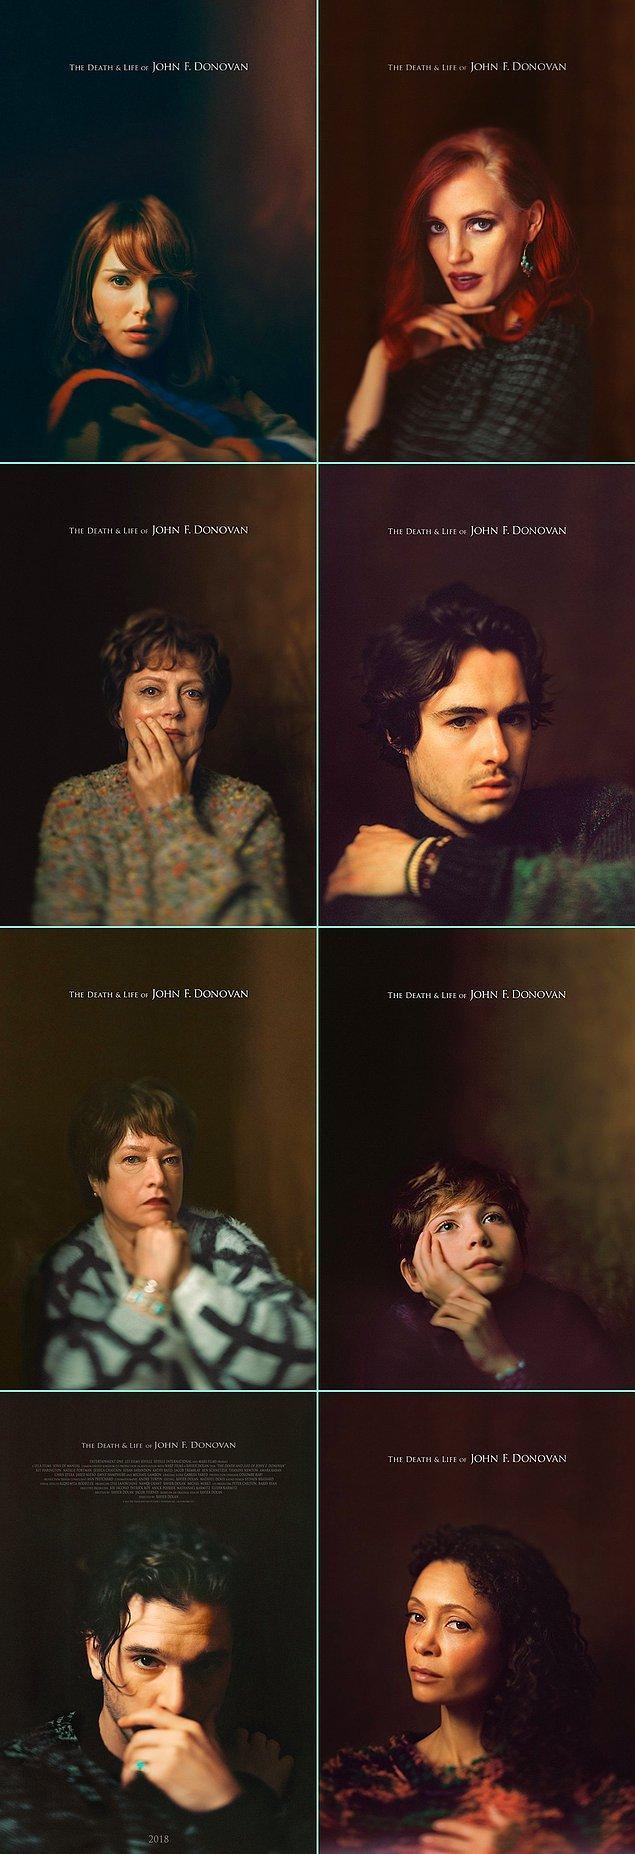 """9. Xavier Dolan filmi """"The Death and Life of John F. Donovan""""a yeni posterler eklendi. Yenileriyle birlikte işte tamamı:"""